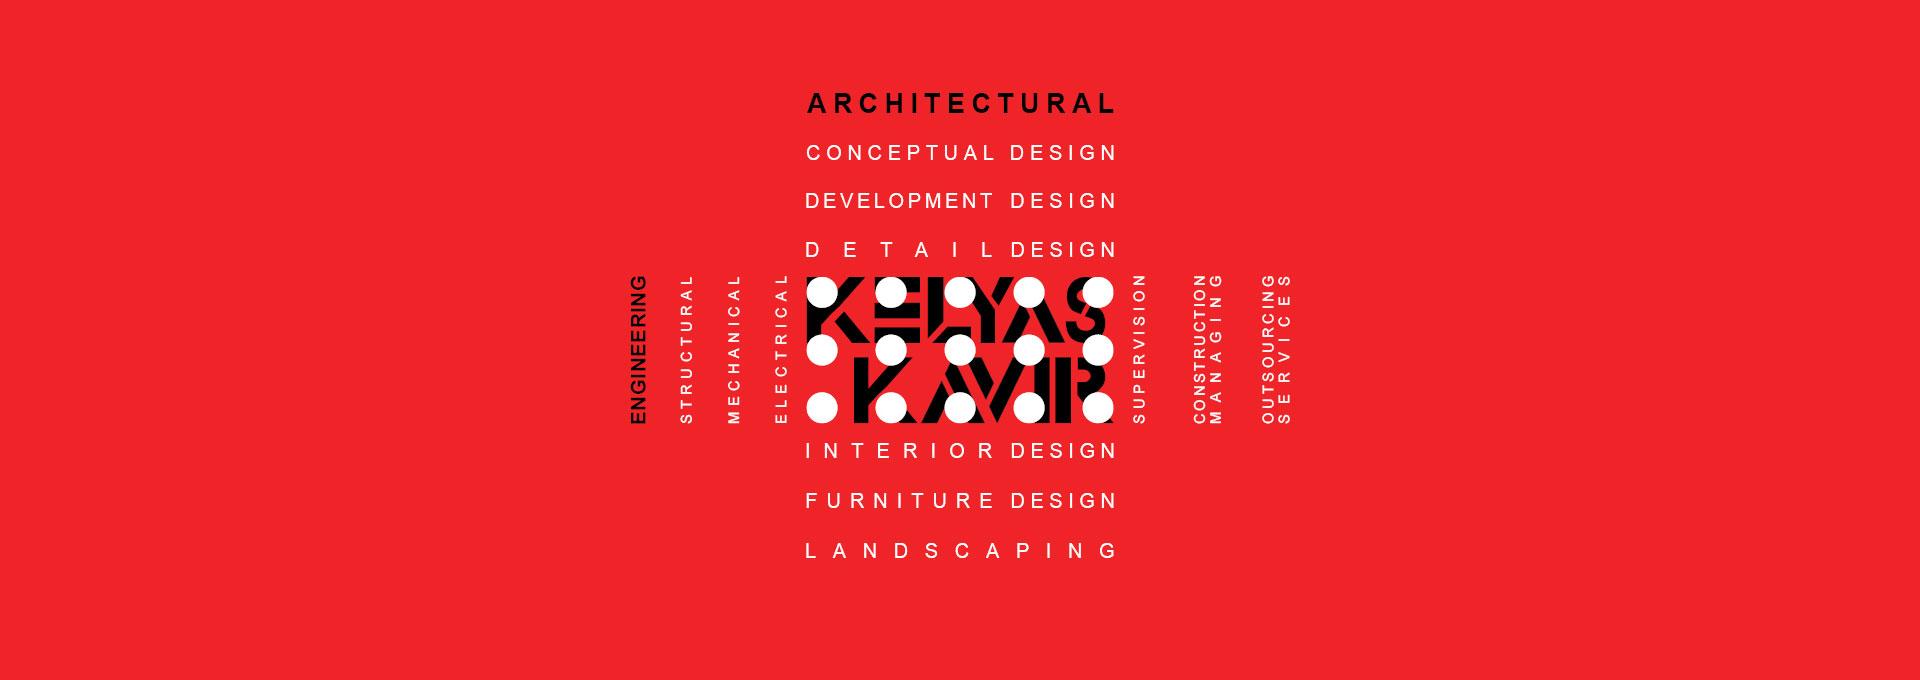 گروه معماری کلیاس کویر